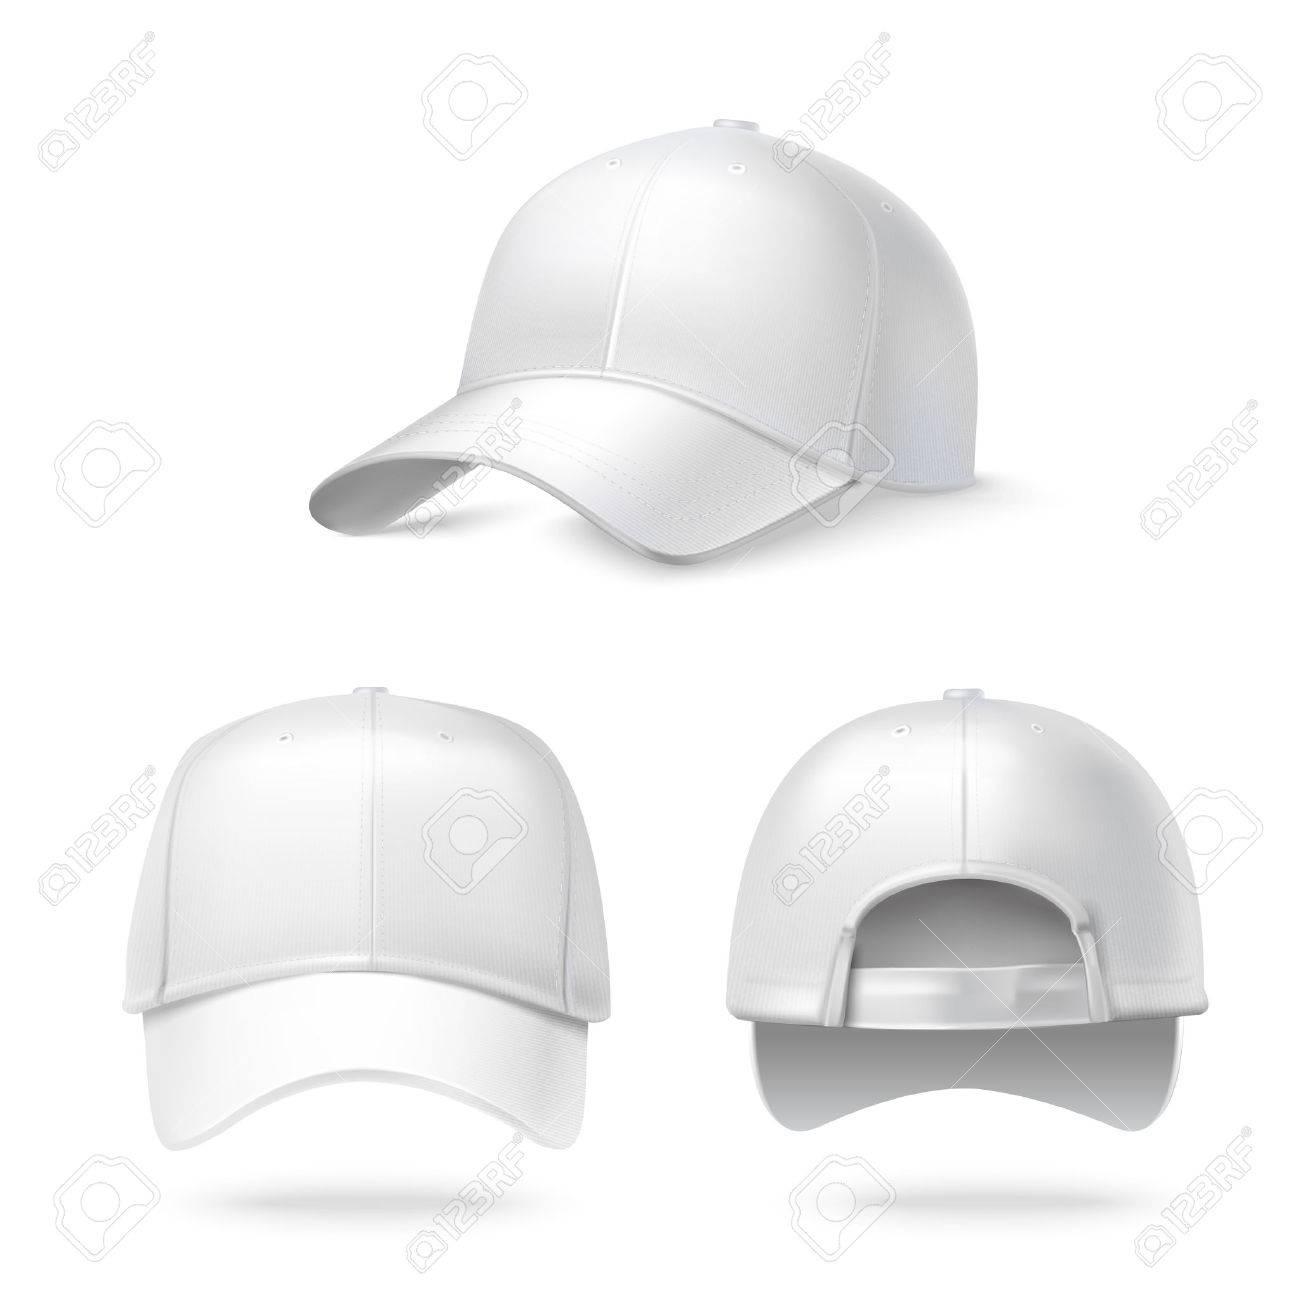 charme de coût prix le plus bas spécial chaussure Dos réaliste et vue de côté baseball casquette blanche isolé sur fond blanc  illustration